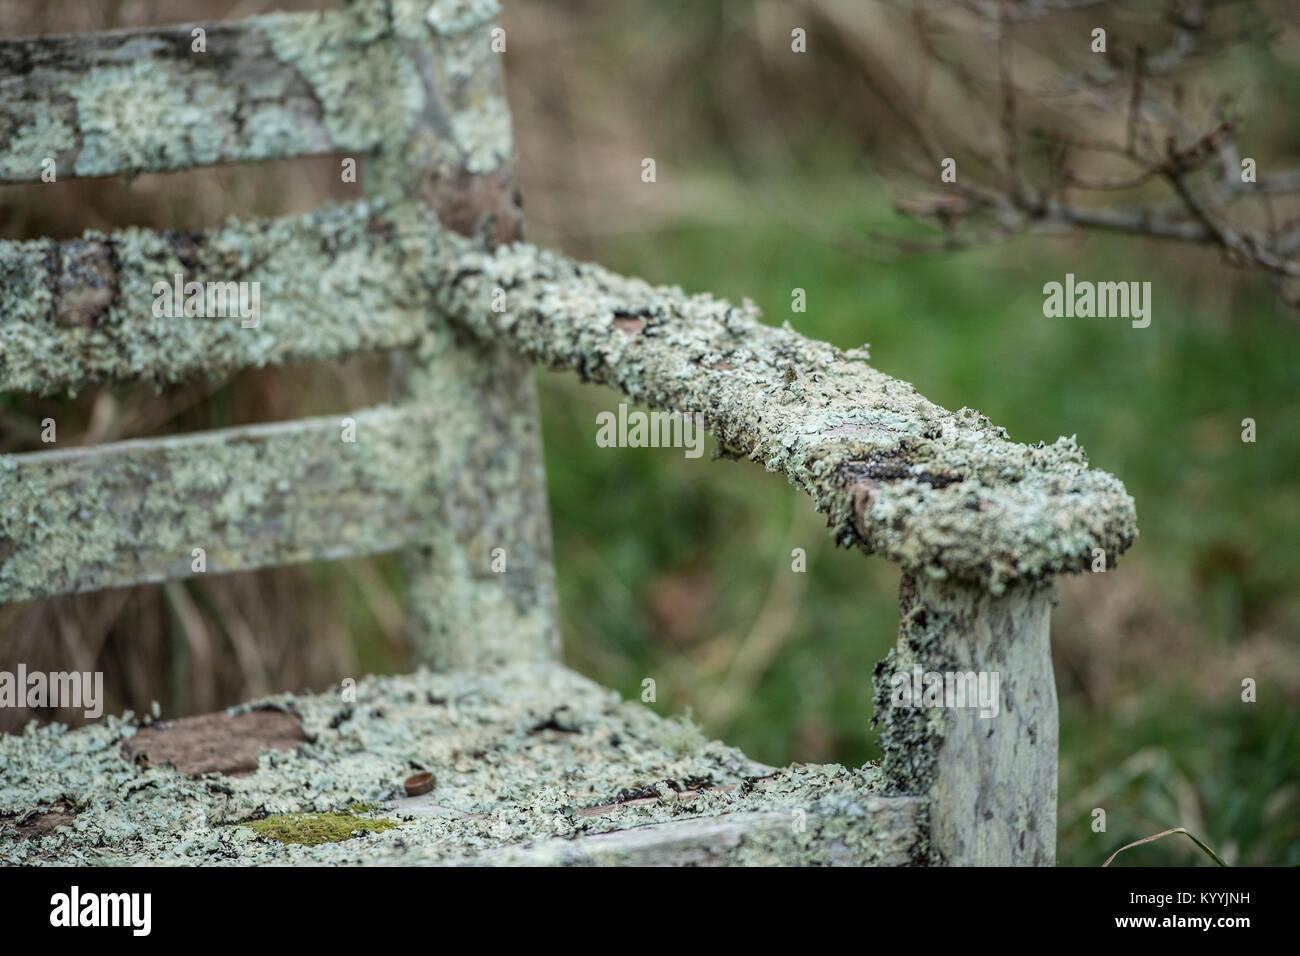 lichen on garden chair - Stock Image